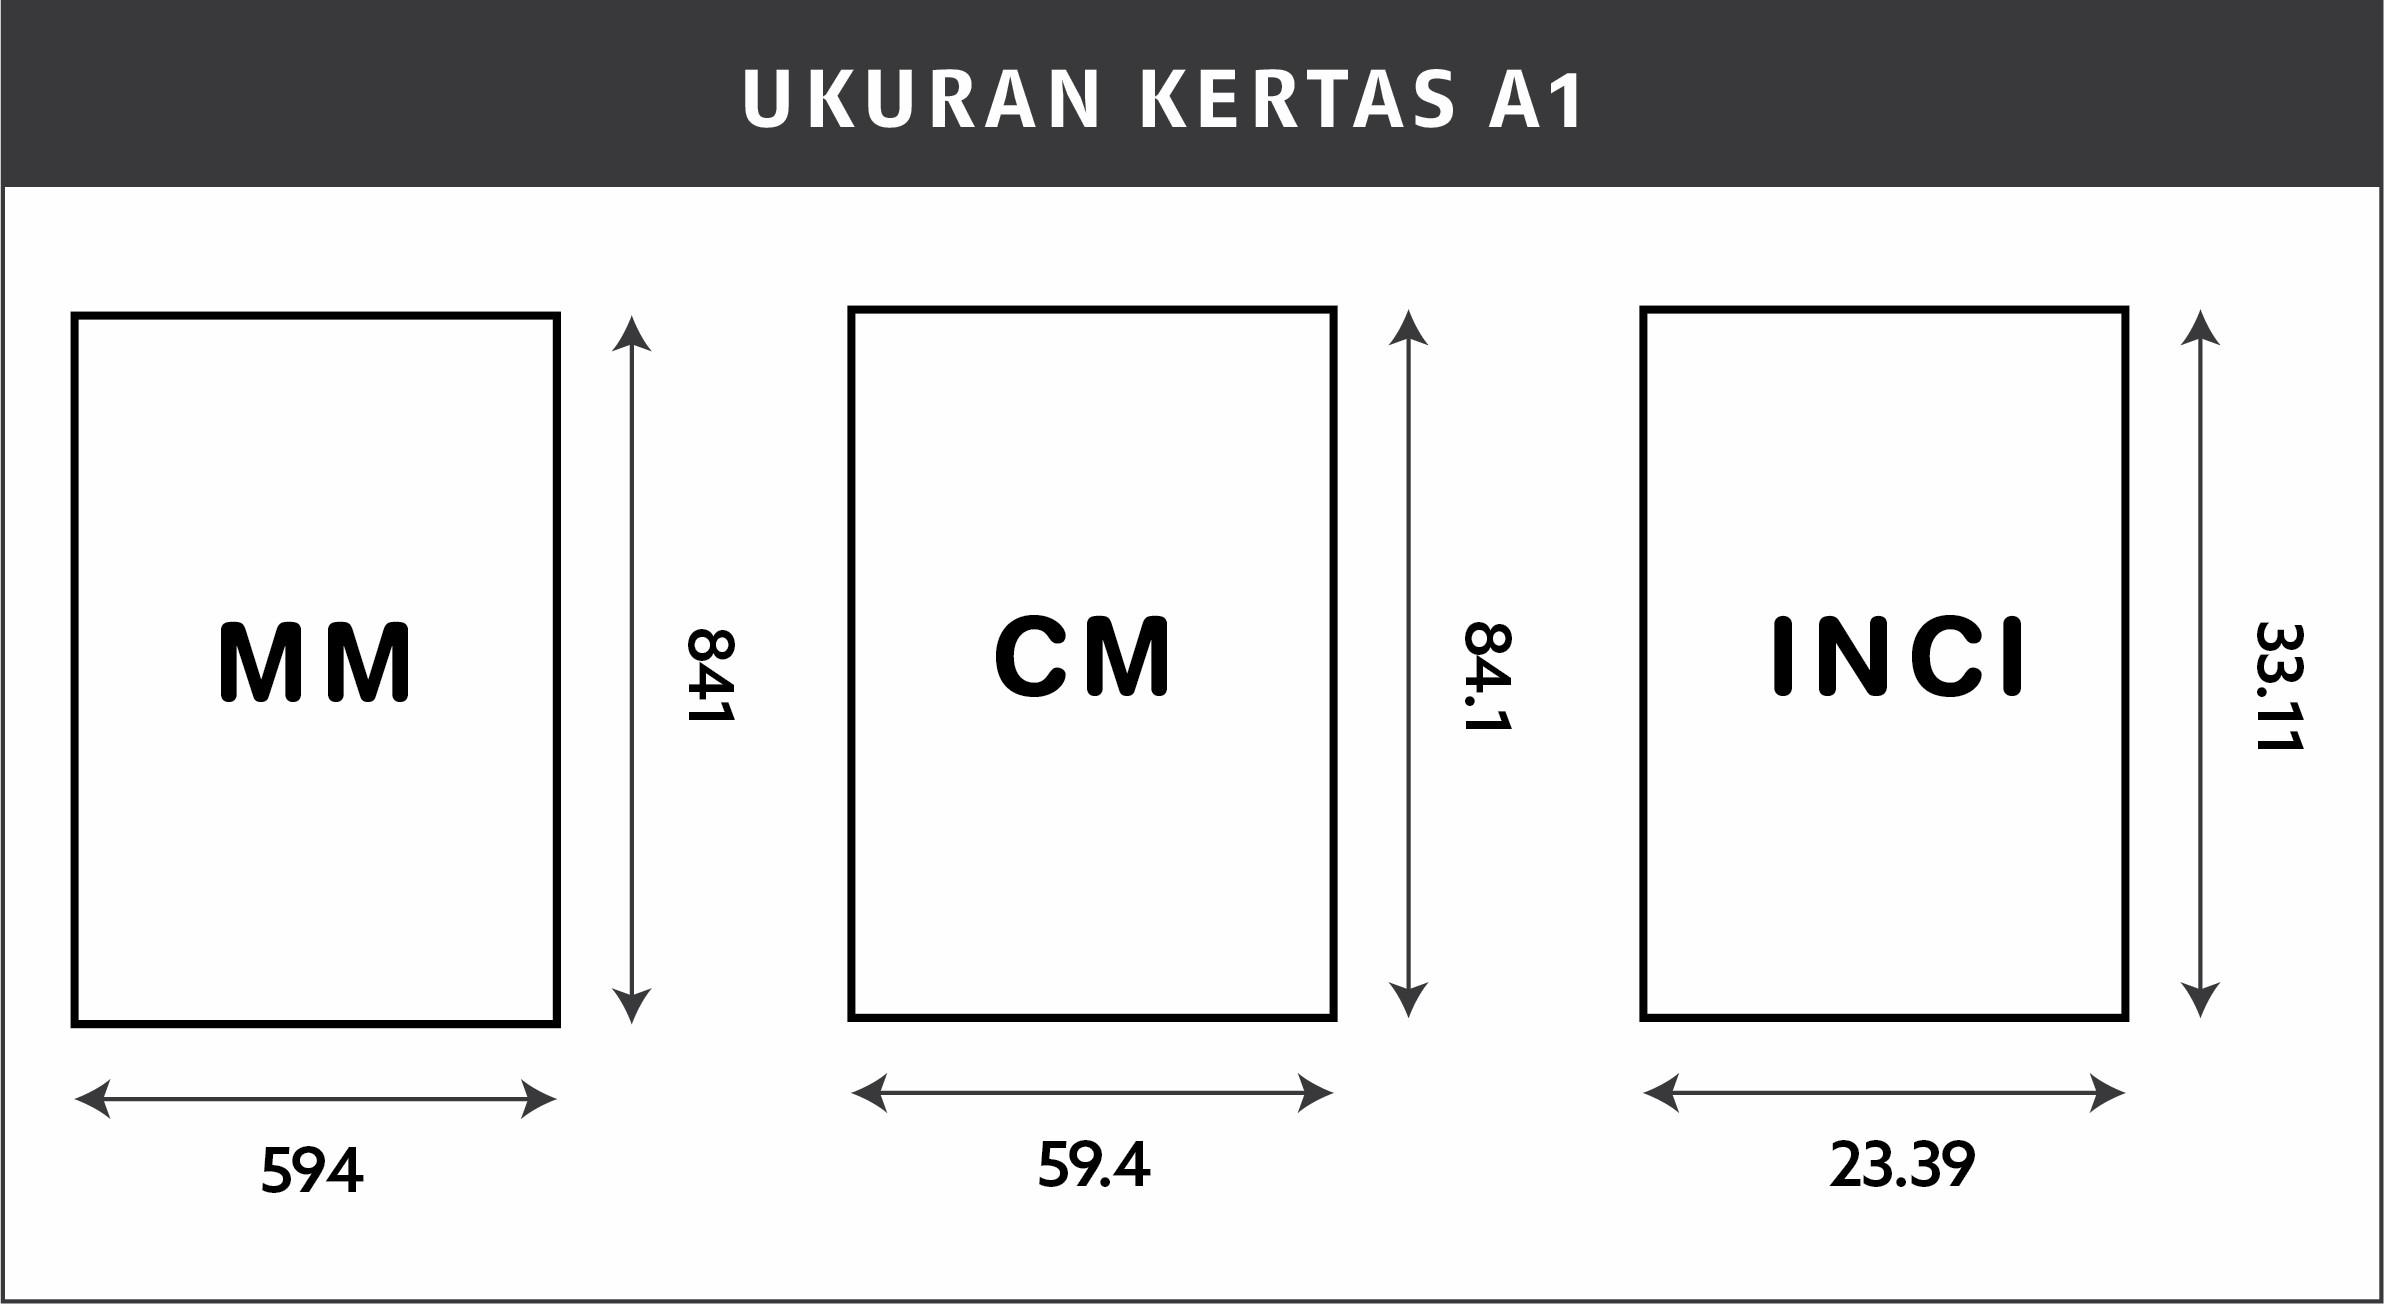 Ukuran Kertas A1 dalam cm, mm, inci